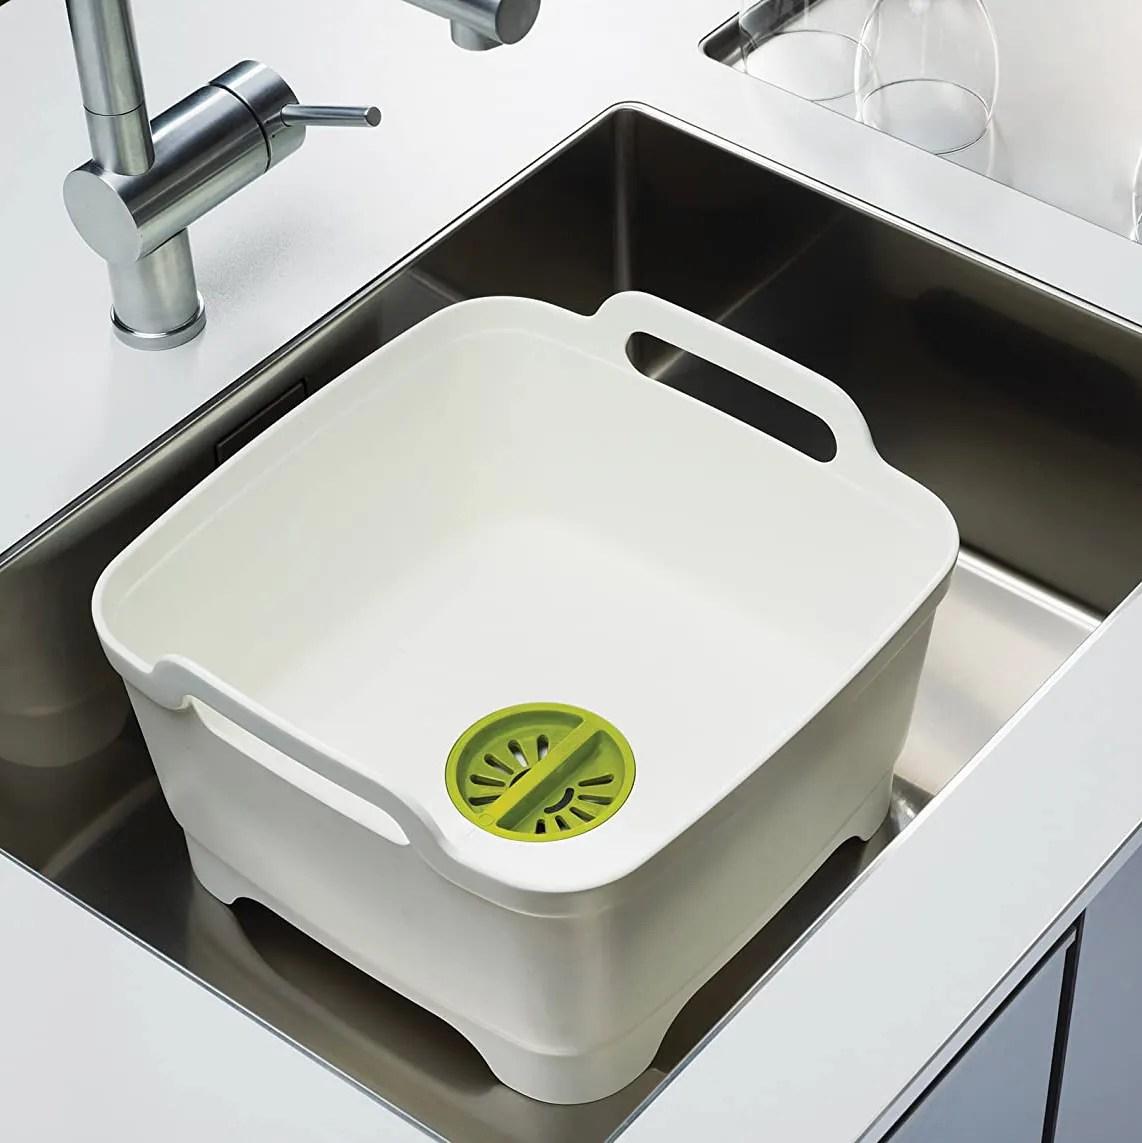 joseph joseph wash drain dishwashing tub